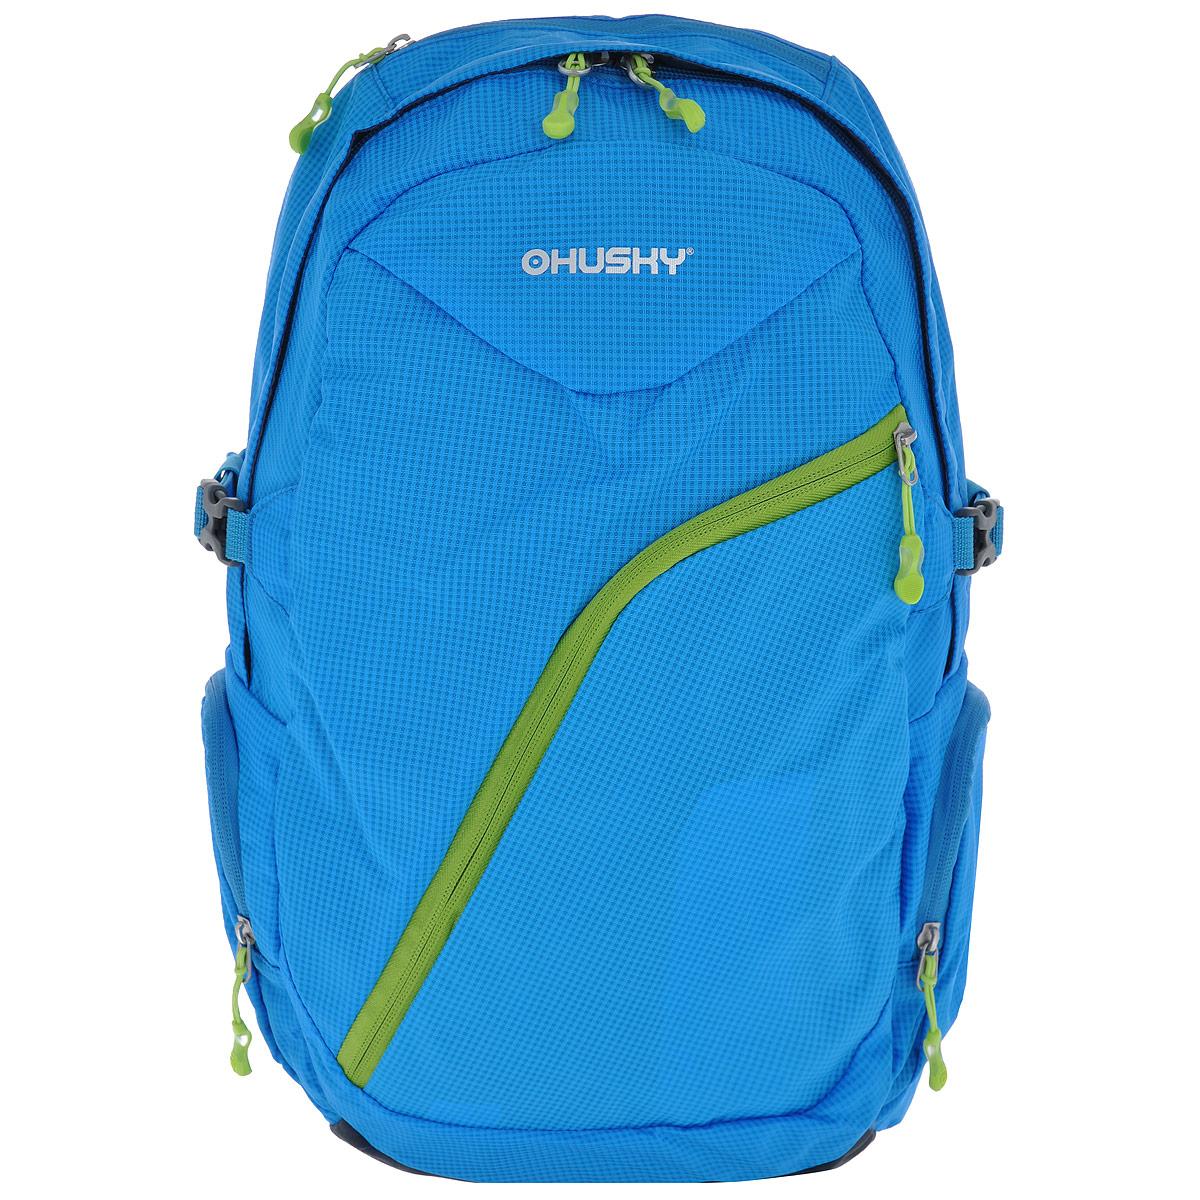 Рюкзак городской Husky Nexy, цвет: голубой, салатовый, 22 лУТ-000066111Городской рюкзак Husky Nexy изготовлен из водонепроницаемого нейлона, оснащен светоотражающими элементами. Рюкзак содержит одно главное отделение, в котором есть карман для переноски ноутбука или планшета.На лицевой стороне находится карман на молнии, внутри которого расположены 4 накладных кармана для канцелярии. По бокам рюкзака находятся 2 кармана на молнии. Сверху также есть 1 карман на застежке-молнии. Рюкзак очень удобно носить благодаря системе вентиляции спины AMS и широким лямкам. Вес: 550 г.